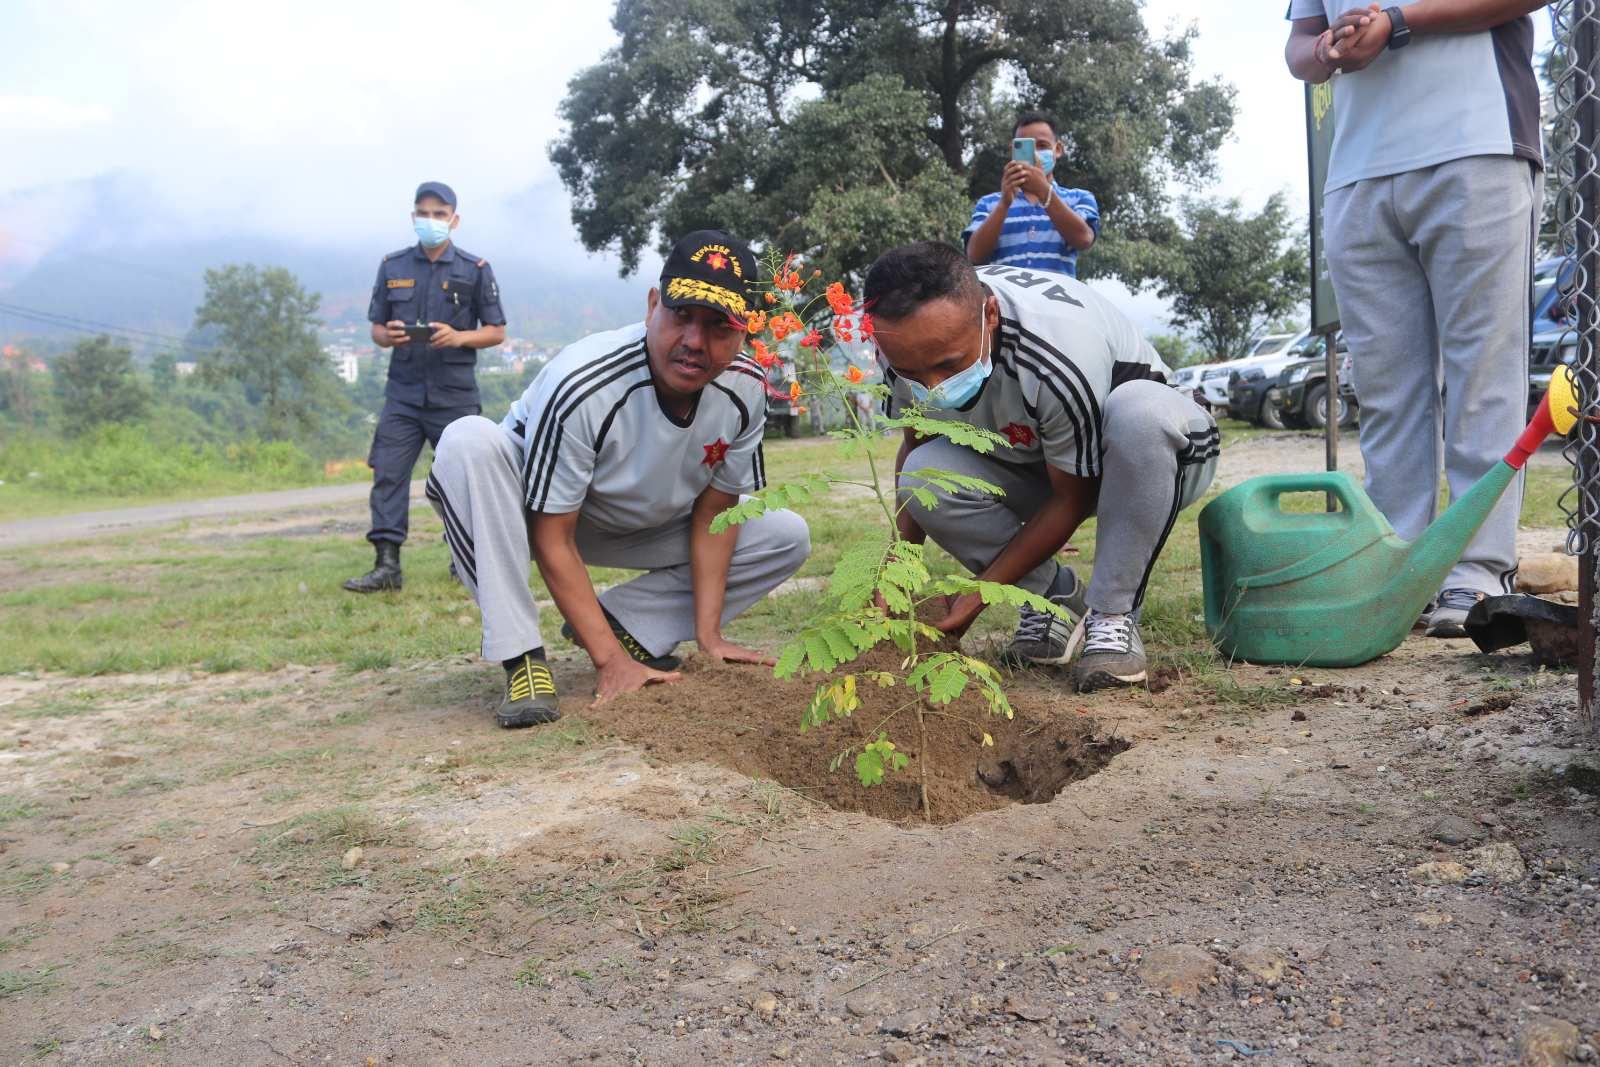 संबिधान दिवसको अवसरमा नुवाकोटमाा नेपाली सेनाबाट बृहत्त वृक्षारोपण